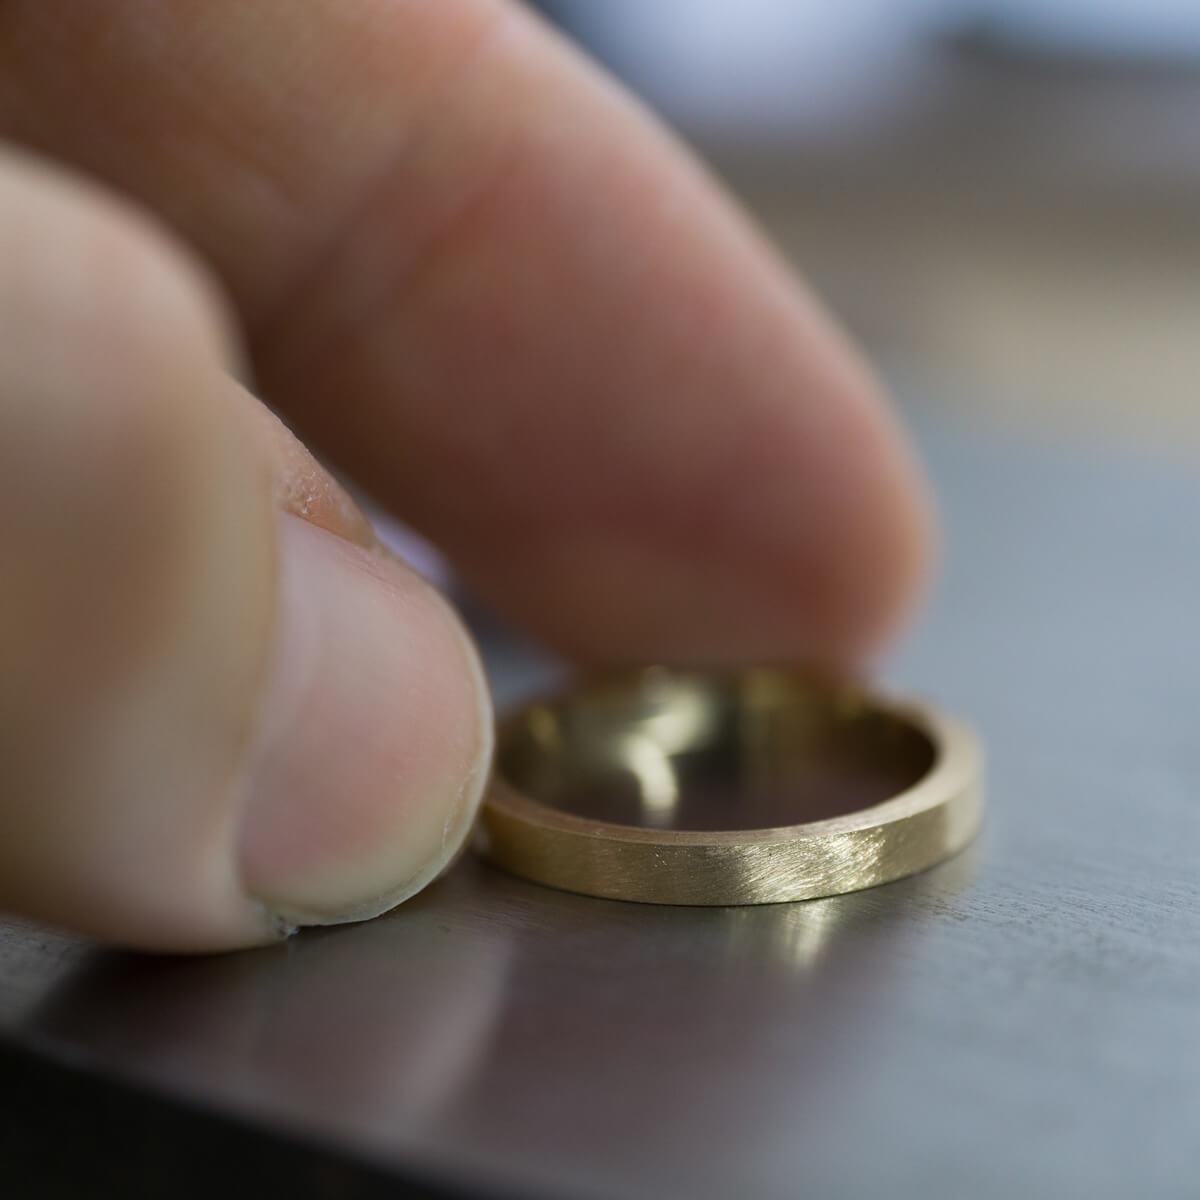 裏側 オーダーメイドマリッジリングの制作風景 ジュエリーのアトリエ 屋久島のシダモチーフ ゴールド、プラチナ 屋久島でつくる結婚指輪